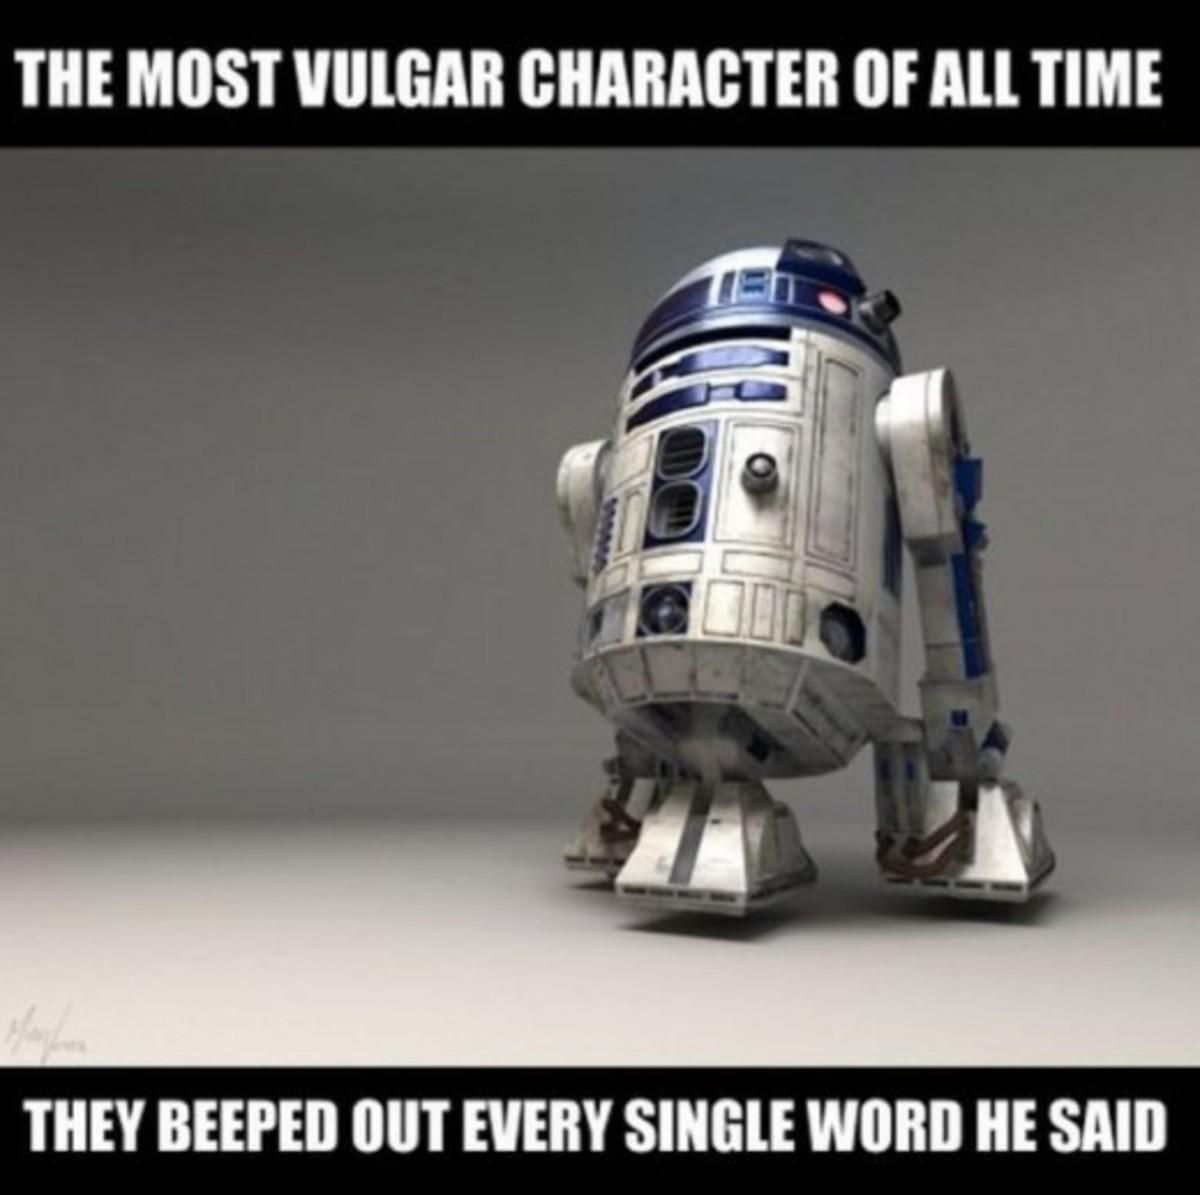 R2-D2 (I love this meme)